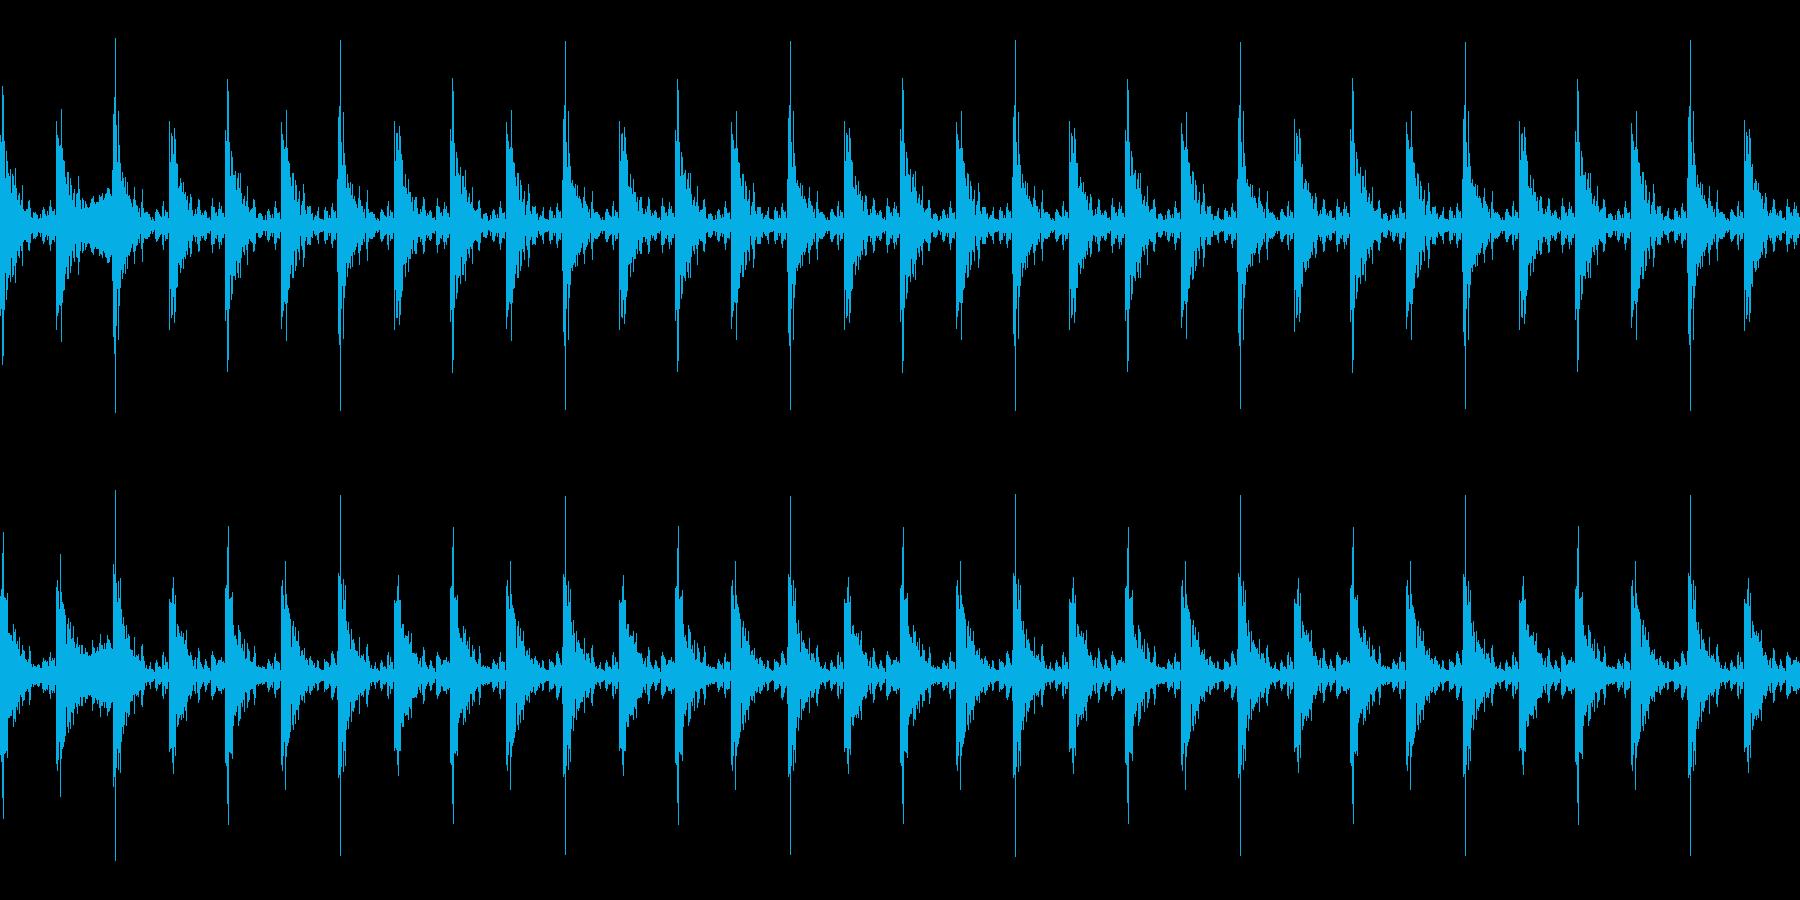 太鼓 躍動的 迫力 効果音ループ素材#1の再生済みの波形